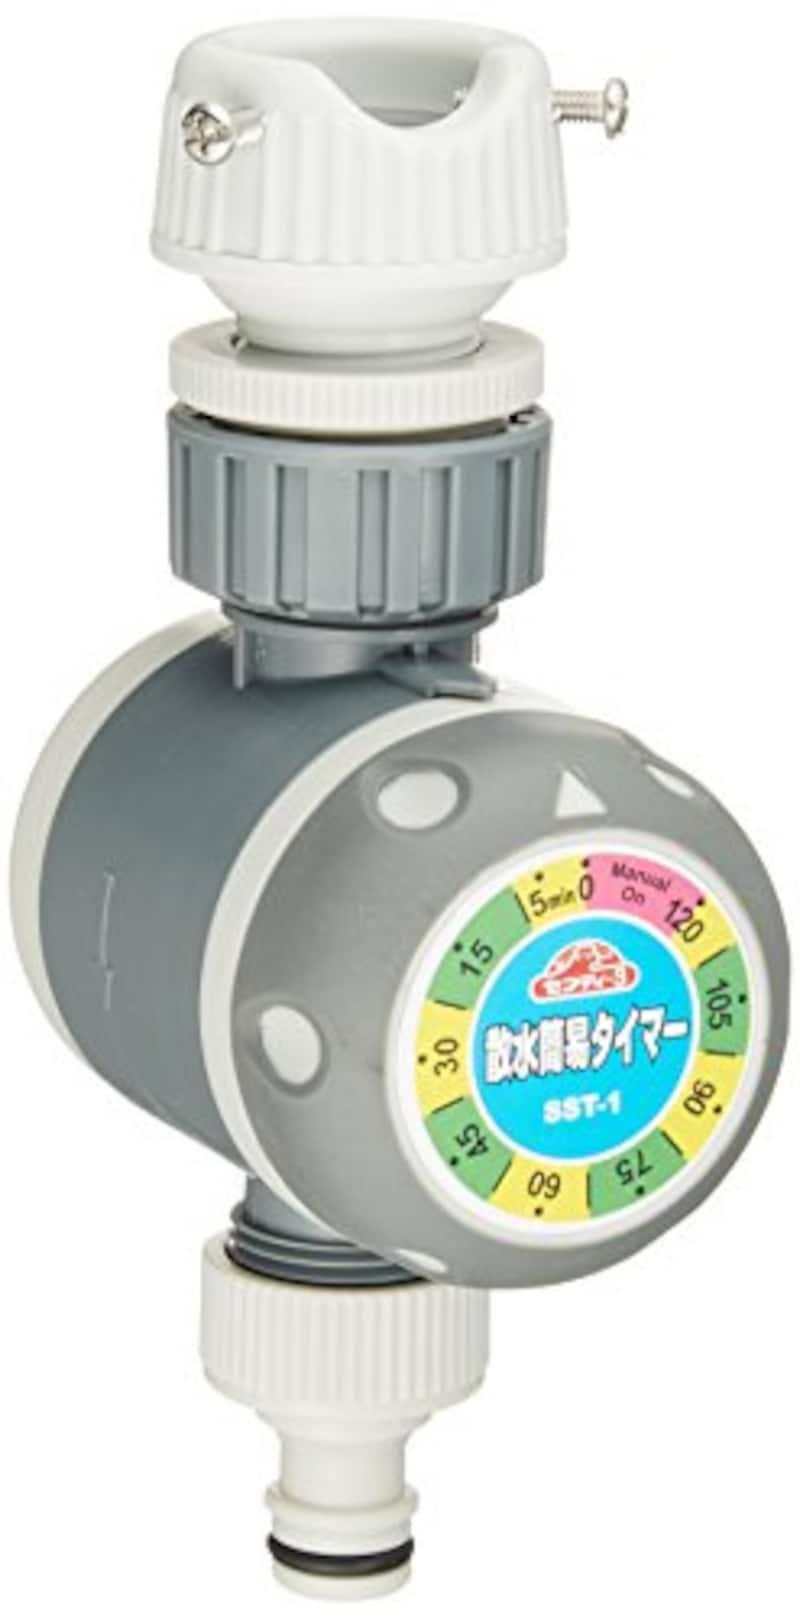 セフティー3,散水簡易タイマー,SST-1